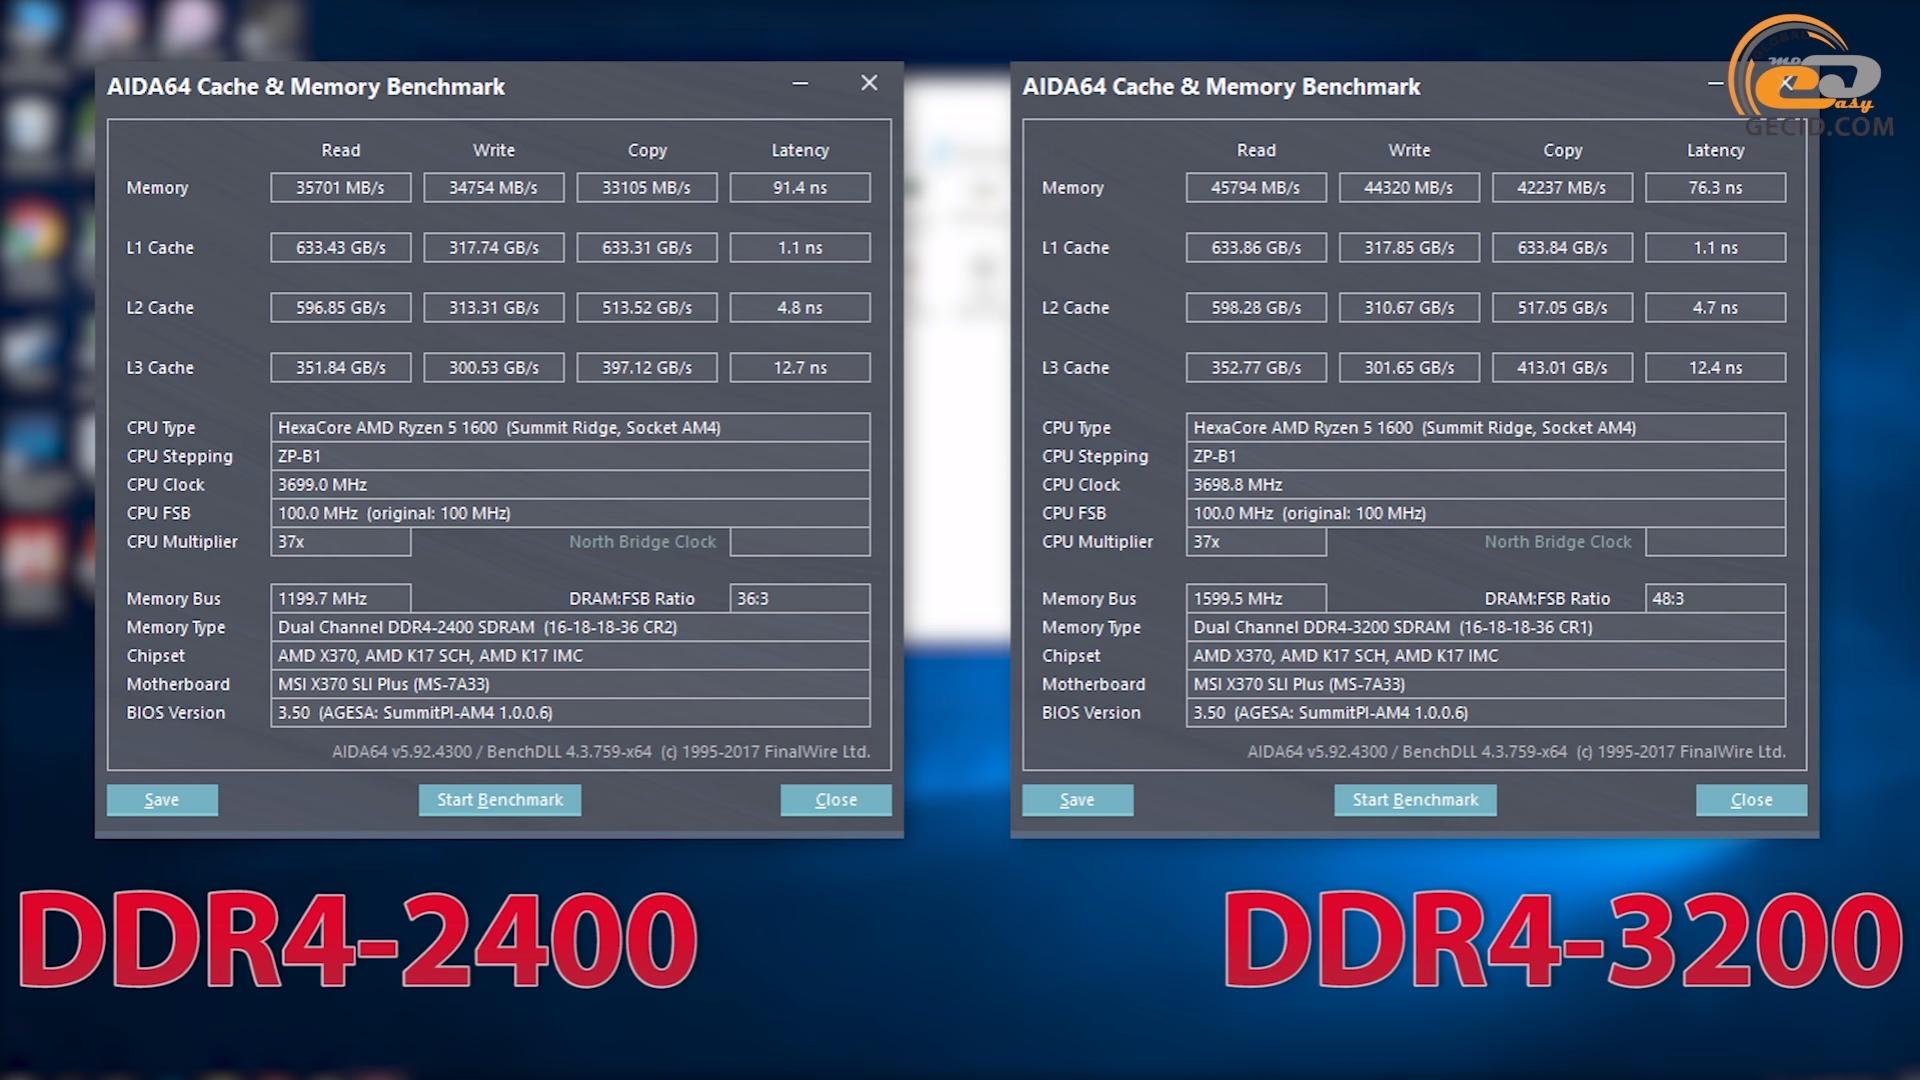 GECID com: Сравнение DDR4-2400 vs DDR4-3200 на Ryzen 5 1600